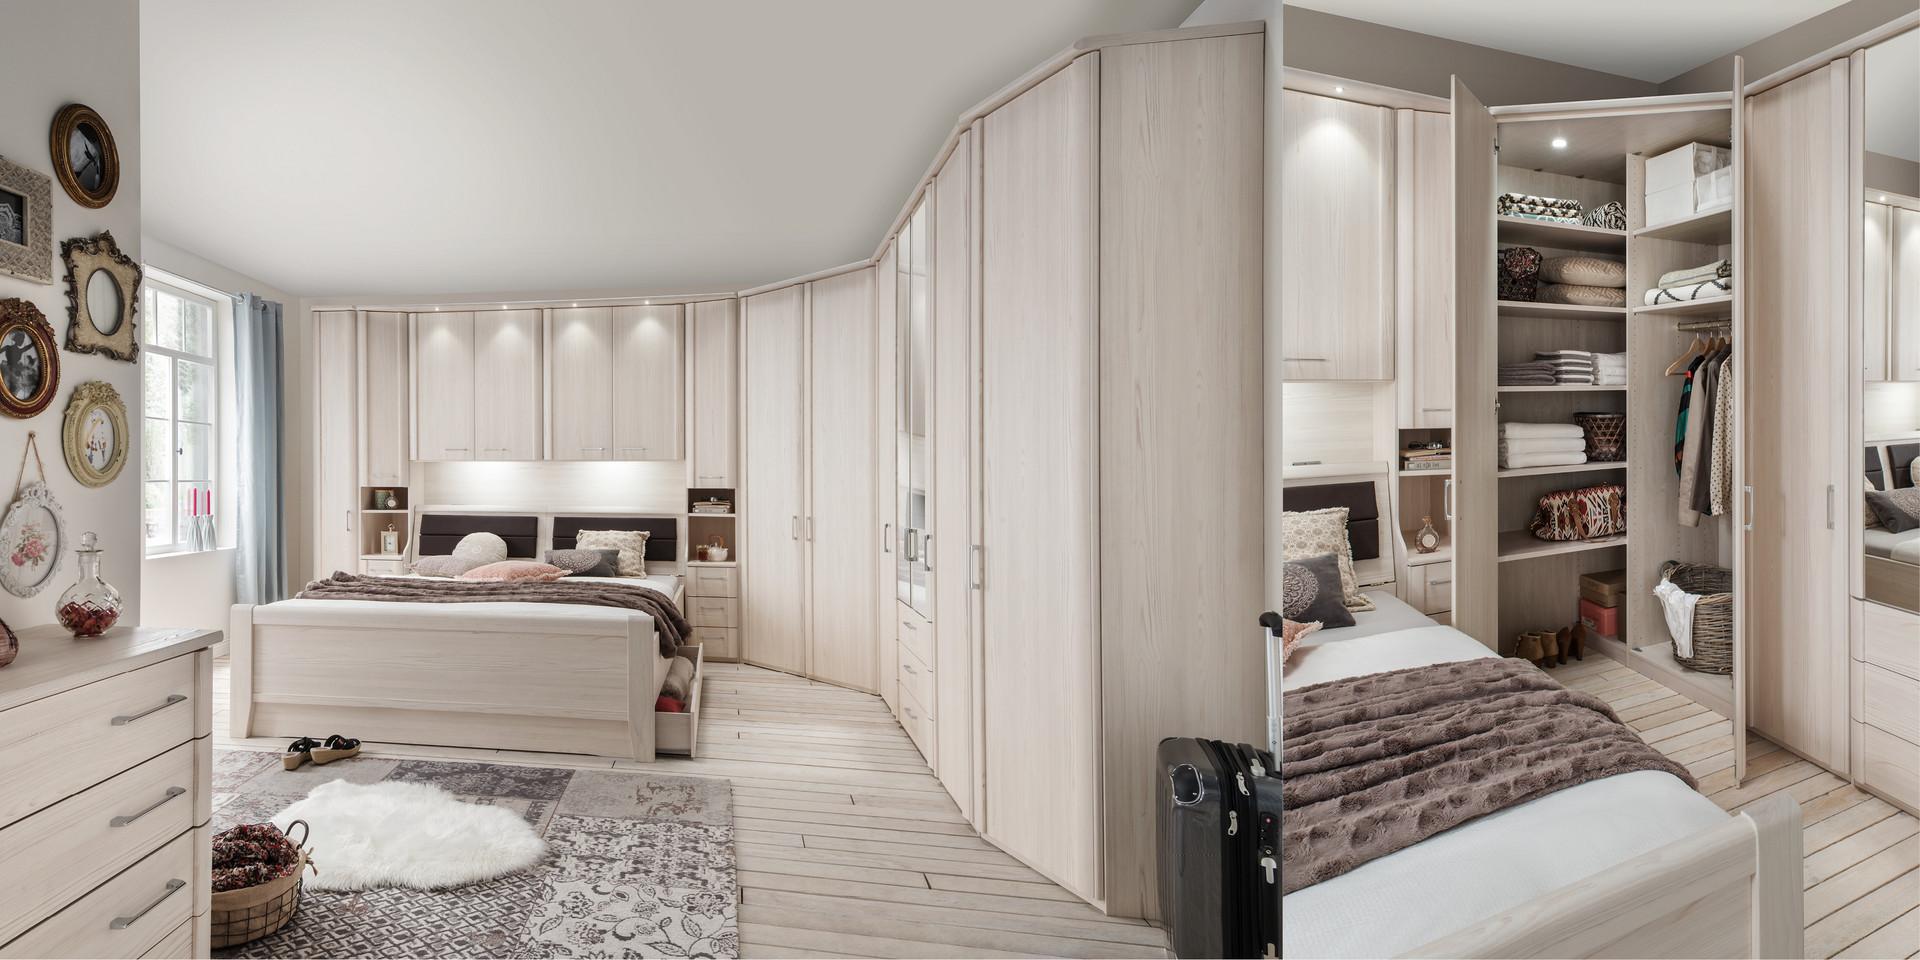 Full Size of überbau Schlafzimmer Modern Erleben Sie Das Luxor 3 4 Mbelhersteller Wiemann Mit Set Boxspringbett Moderne Esstische Tapete Küche Matratze Und Lattenrost Wohnzimmer überbau Schlafzimmer Modern